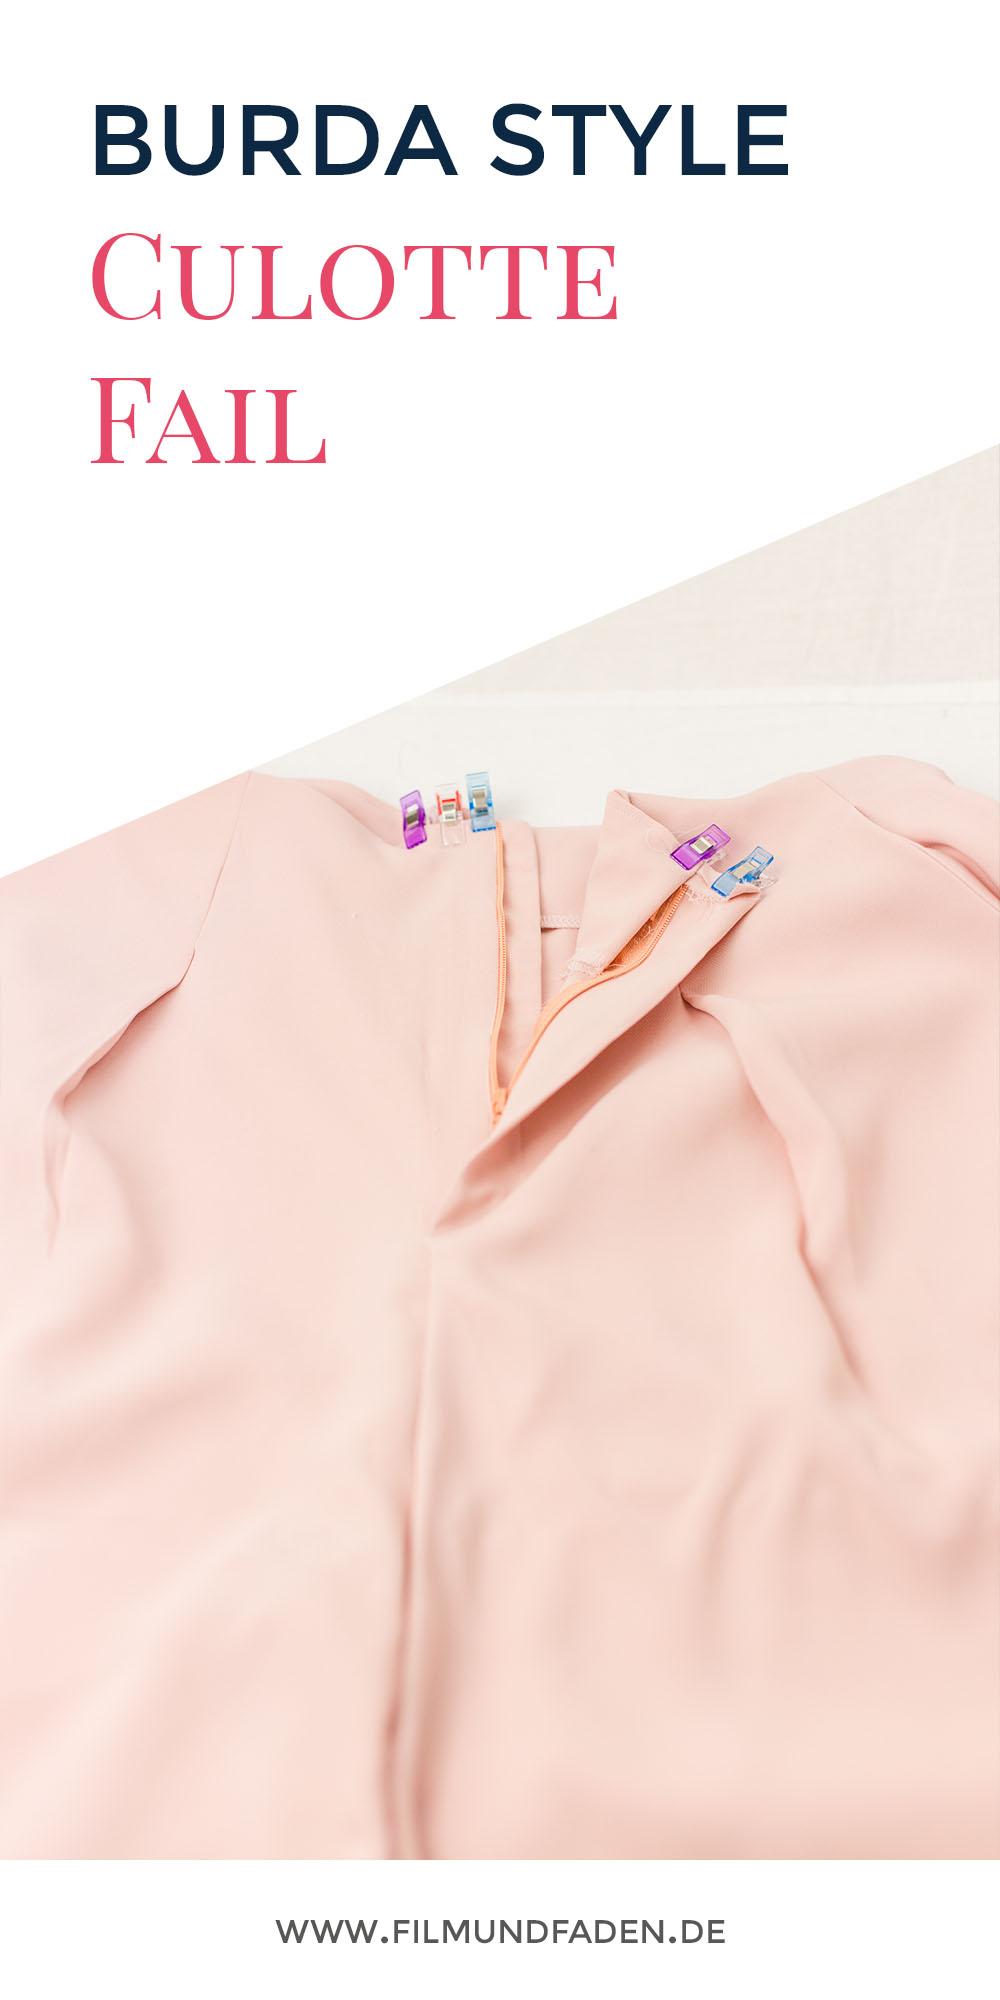 Burda Style Culotte - Es geht nicht immer alles glatt beim Nähen